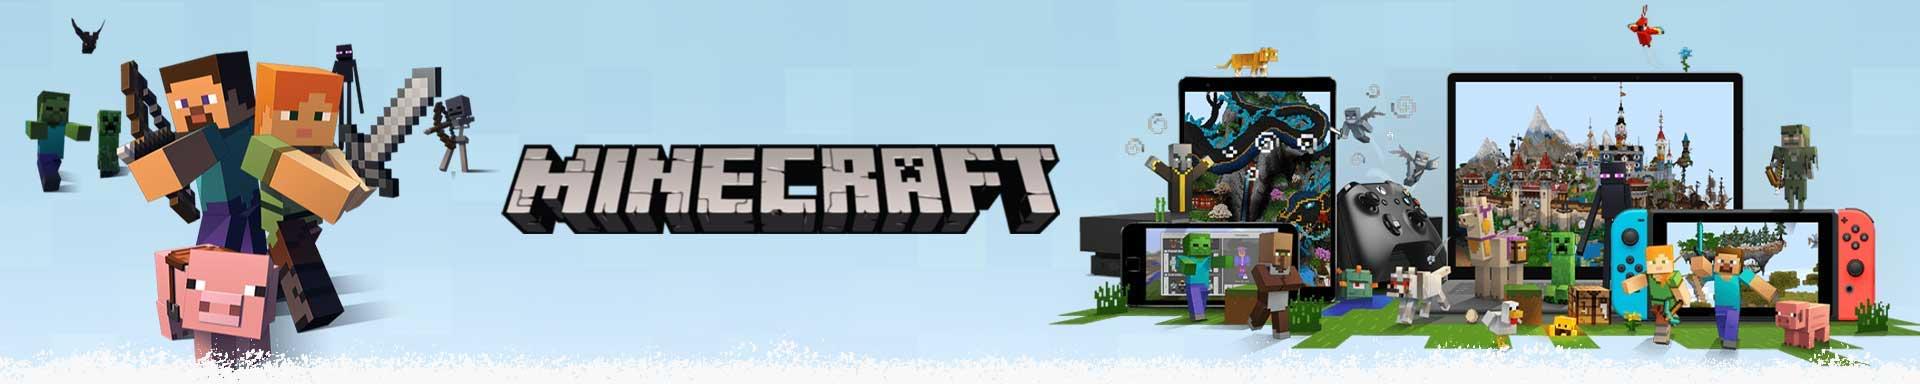 minecraft background kat